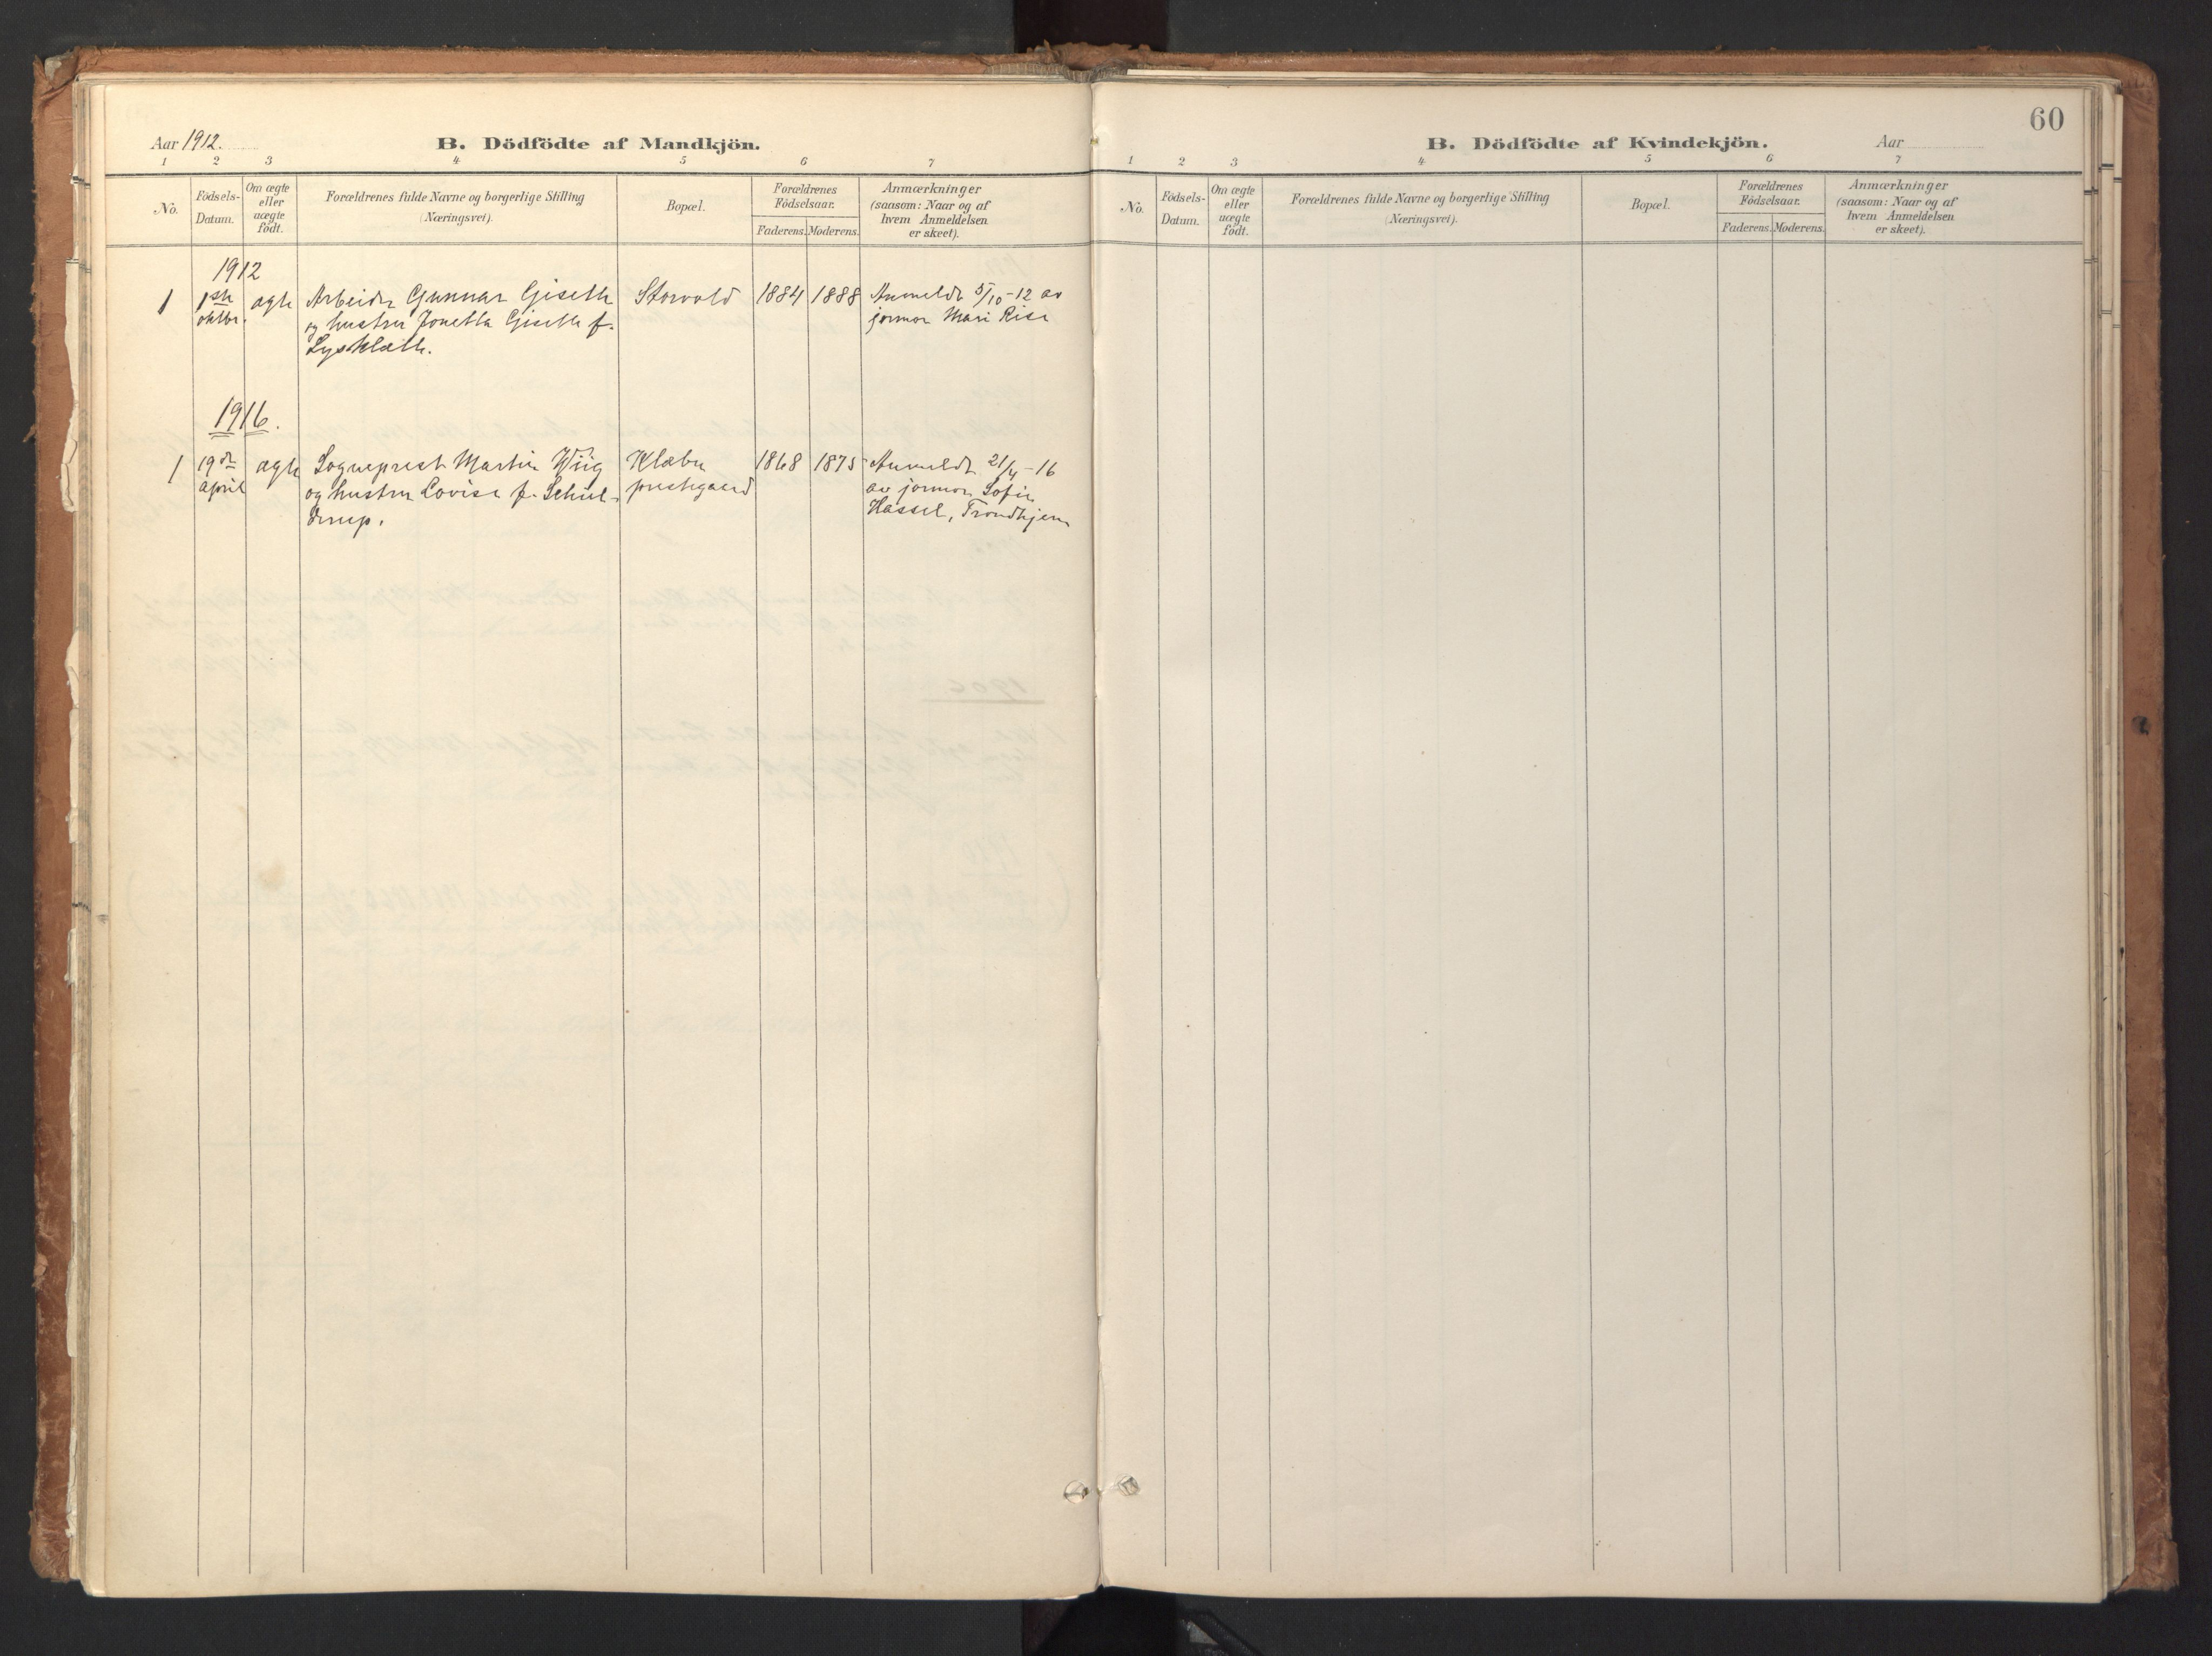 SAT, Ministerialprotokoller, klokkerbøker og fødselsregistre - Sør-Trøndelag, 618/L0448: Ministerialbok nr. 618A11, 1898-1916, s. 60